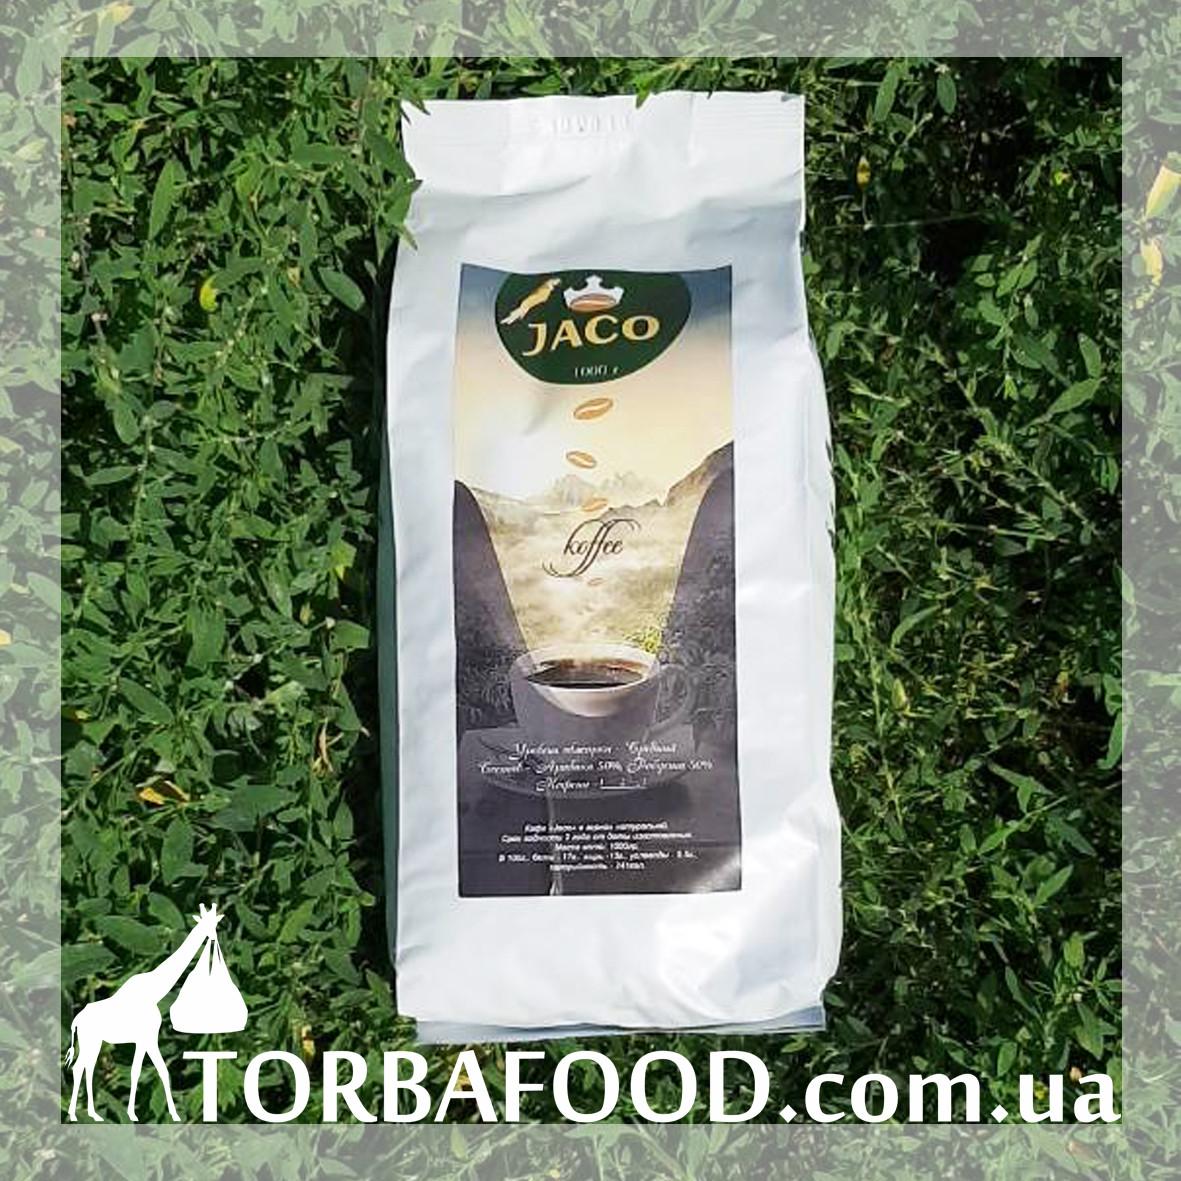 Кофе в зернах Jaco - Команда «TORBAFOOD» в Мелитополе